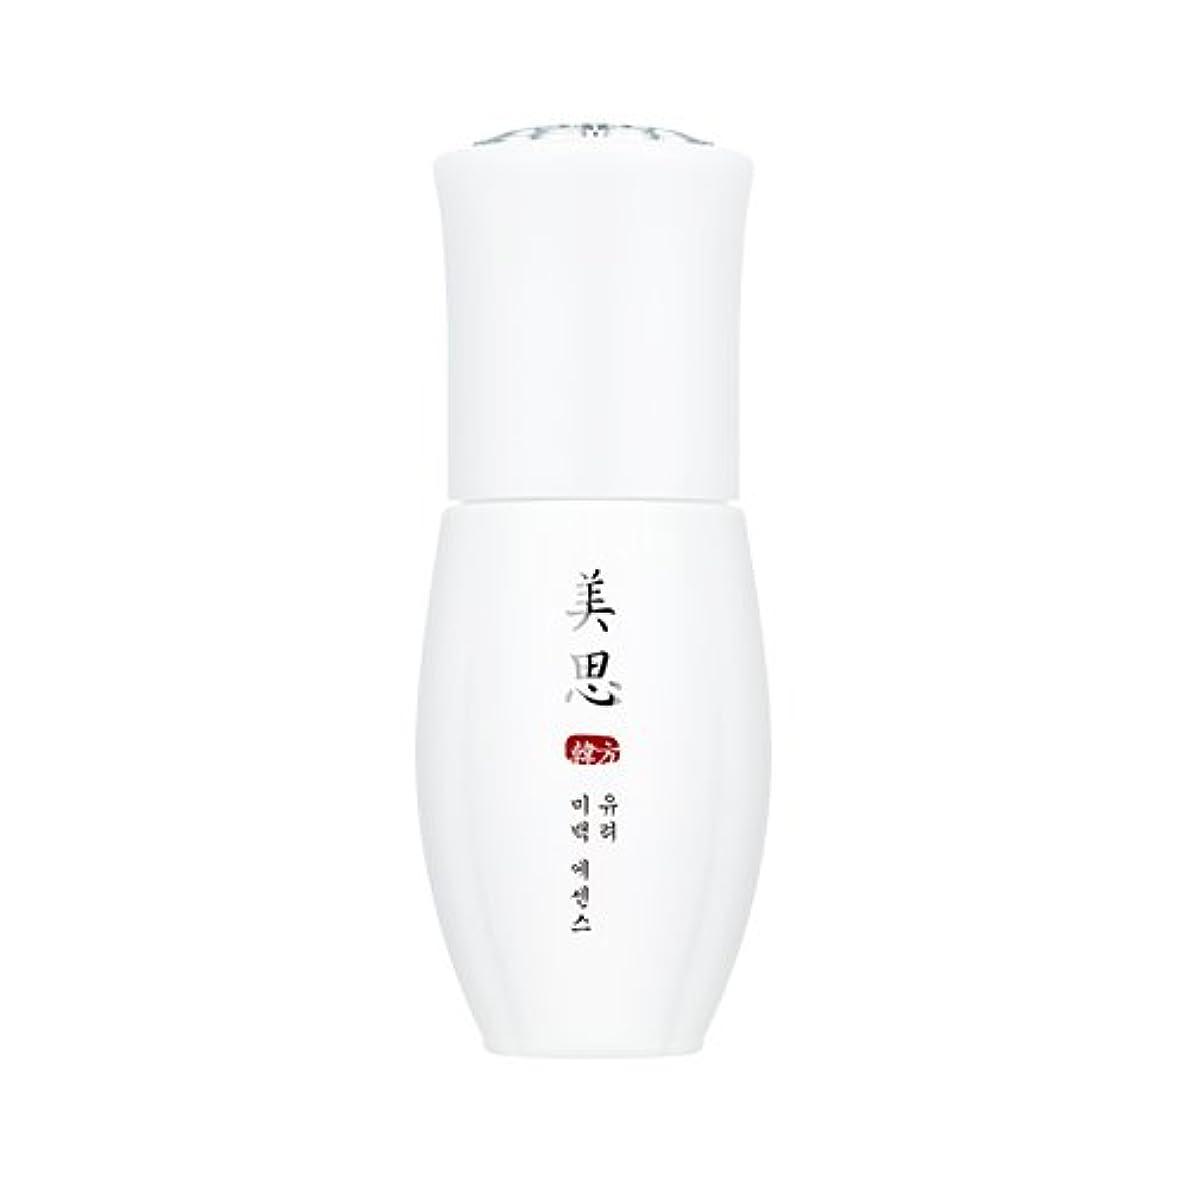 払い戻し小競り合いインシデントMissha Misa YuRyeo Whitening Essence 40ml / ミシャ 美思 流麗 美白 エッセンス 40ml [並行輸入品]